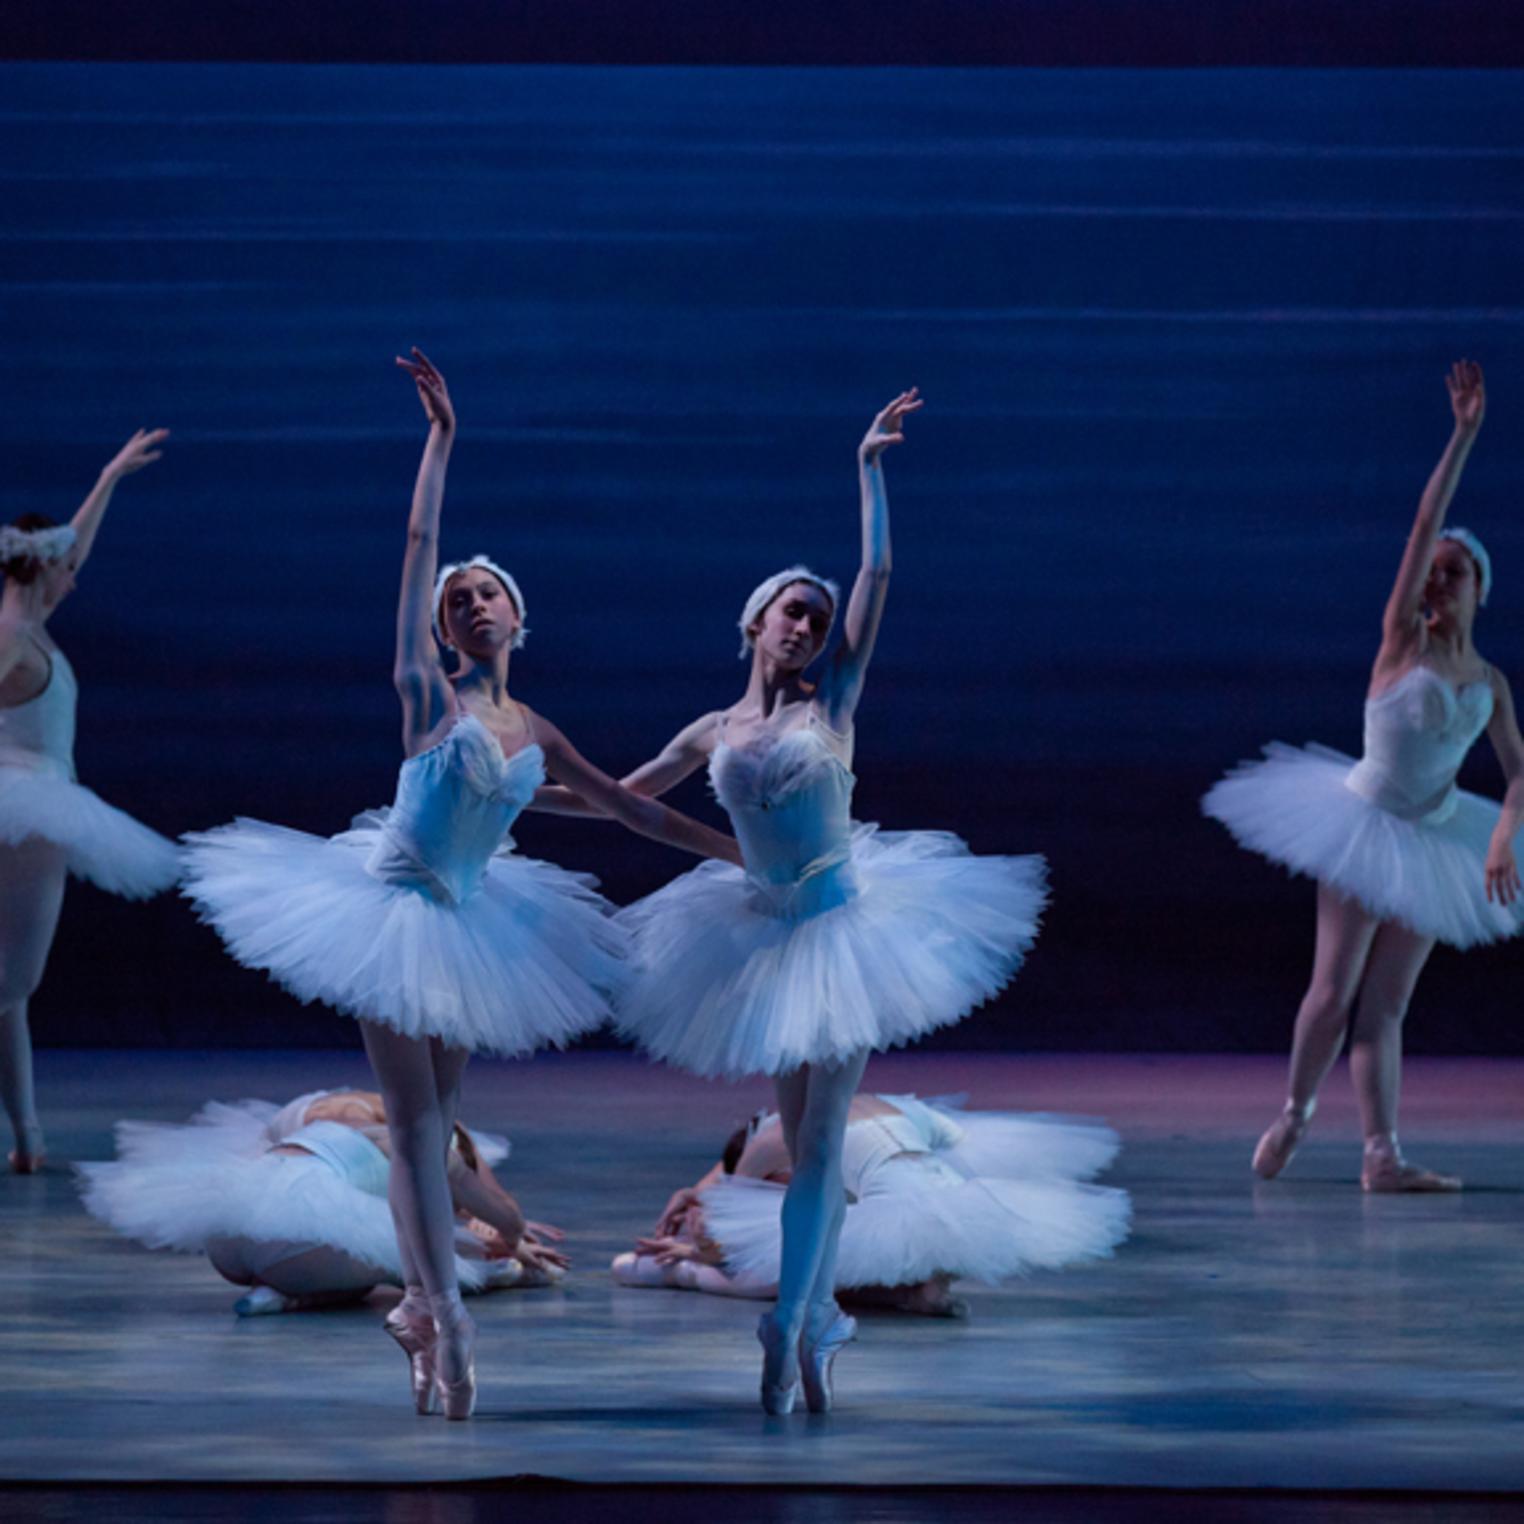 Swan Lake, choreography by Laszlo Berdo